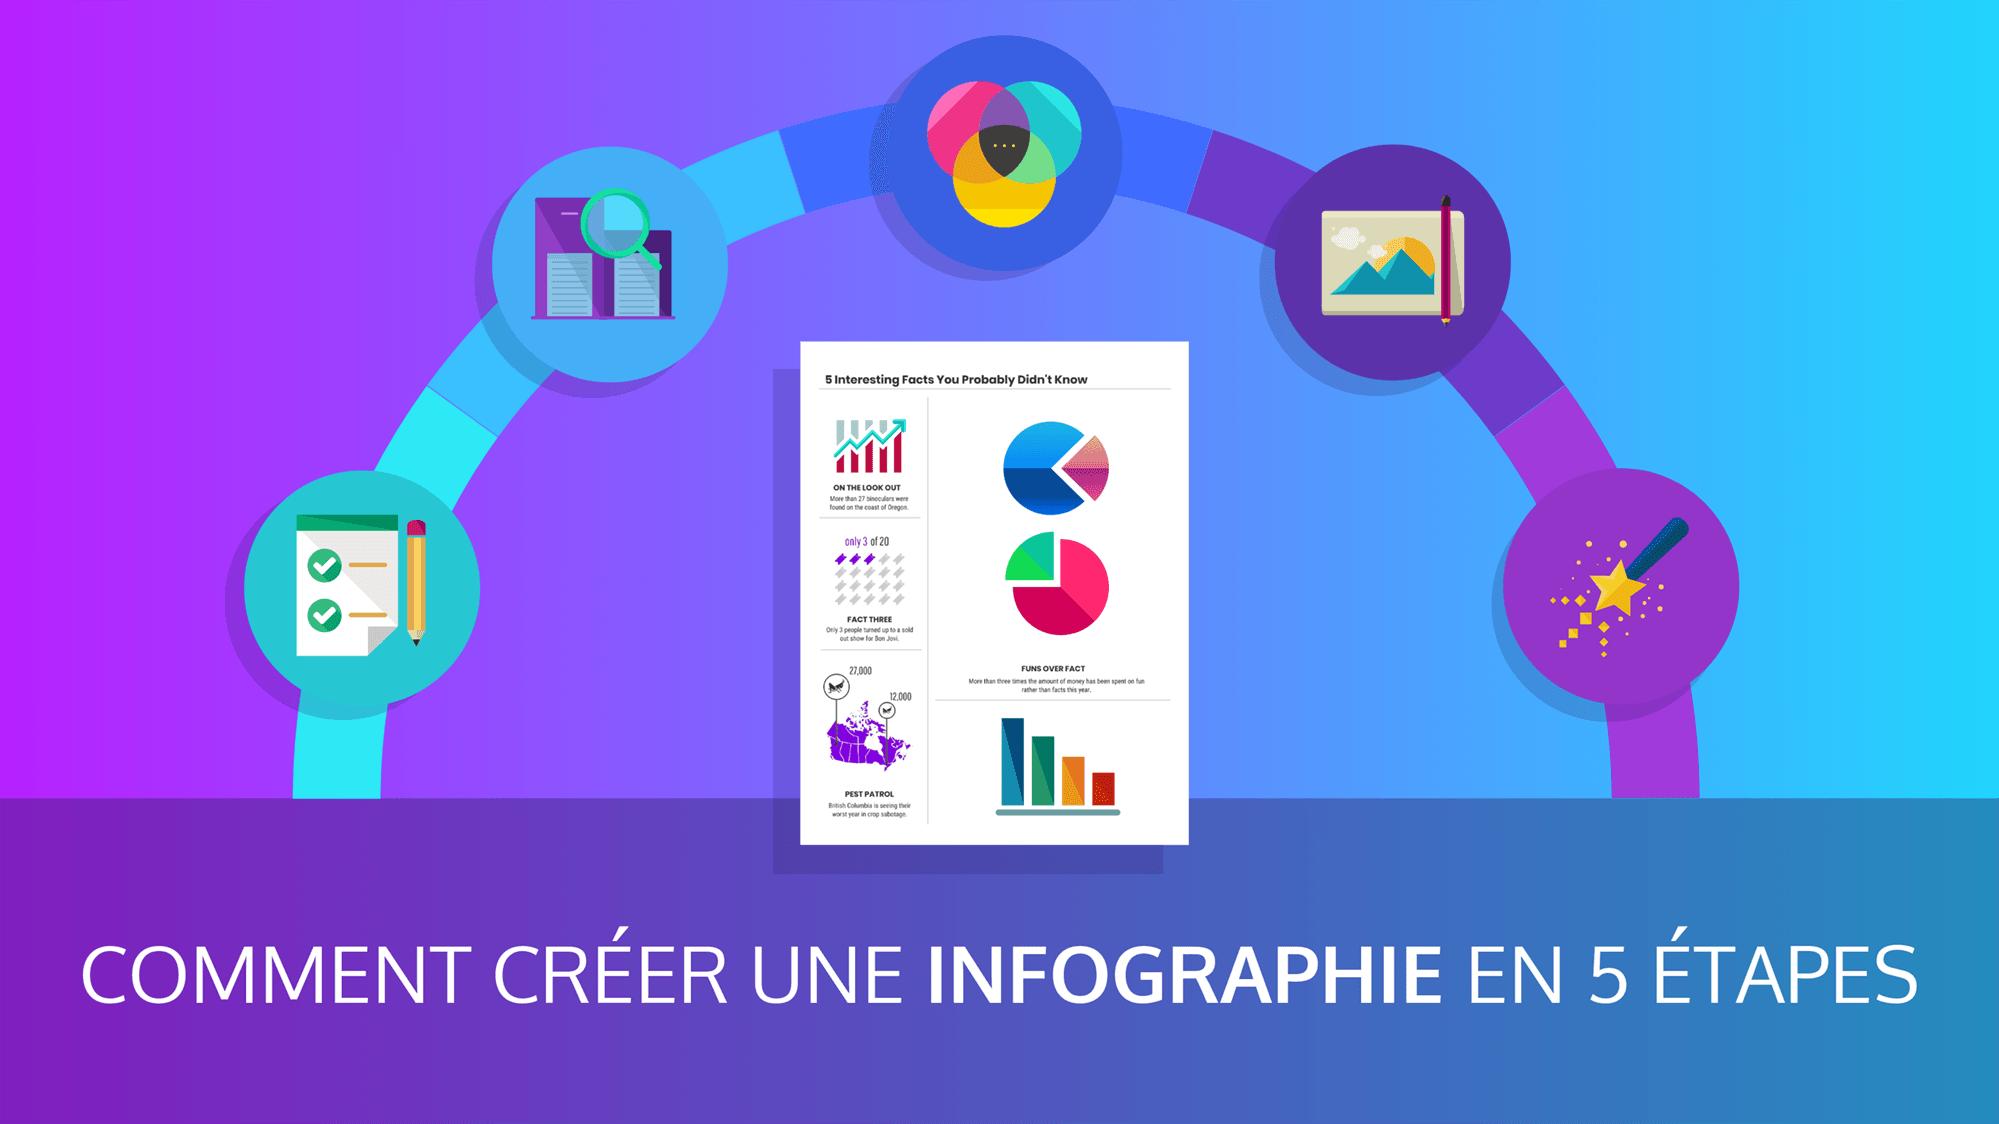 Comment faire une infographie header